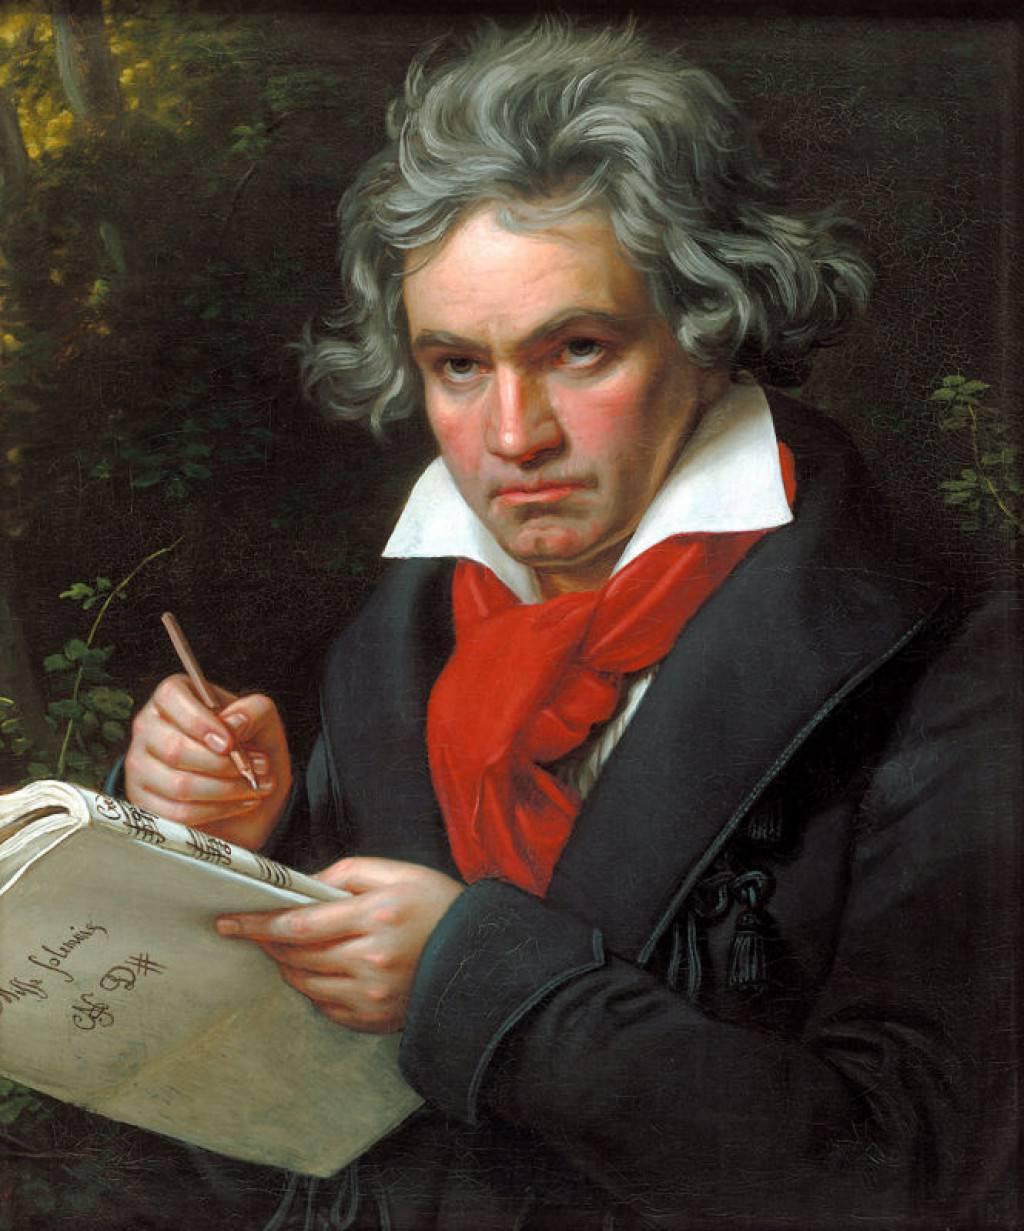 2-daagse vtbKultuur-trip '250 jaar Beethoven in Bonn'